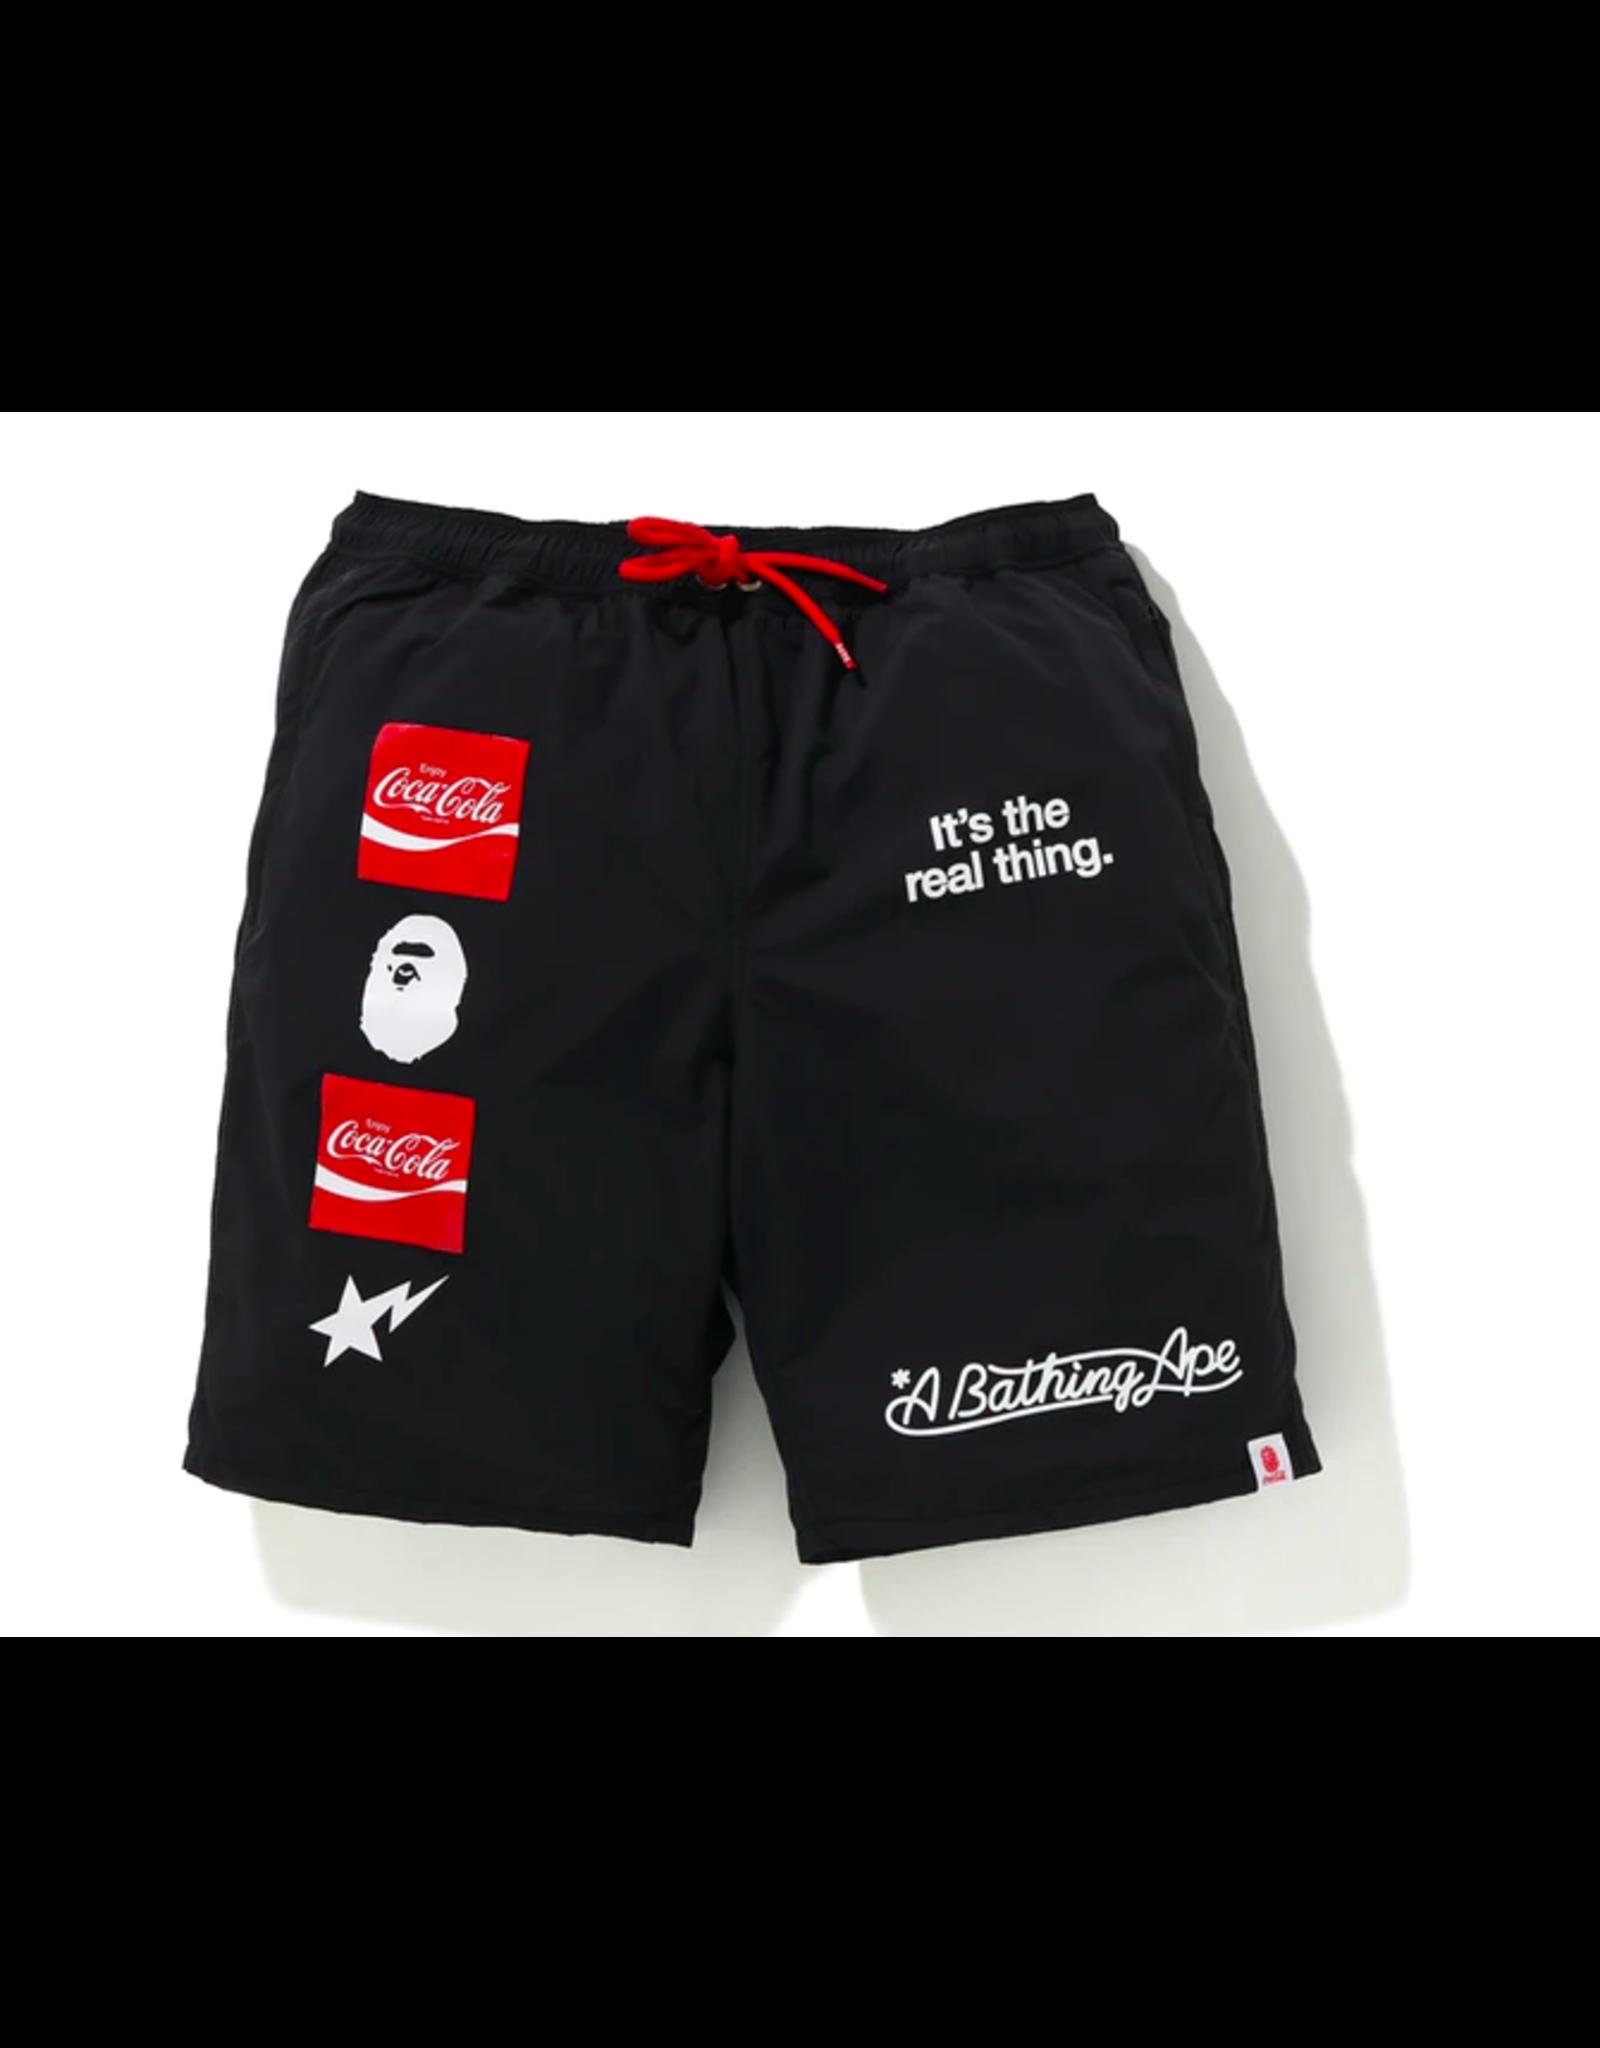 BAPE BAPE x Coca Cola Shorts Black XL